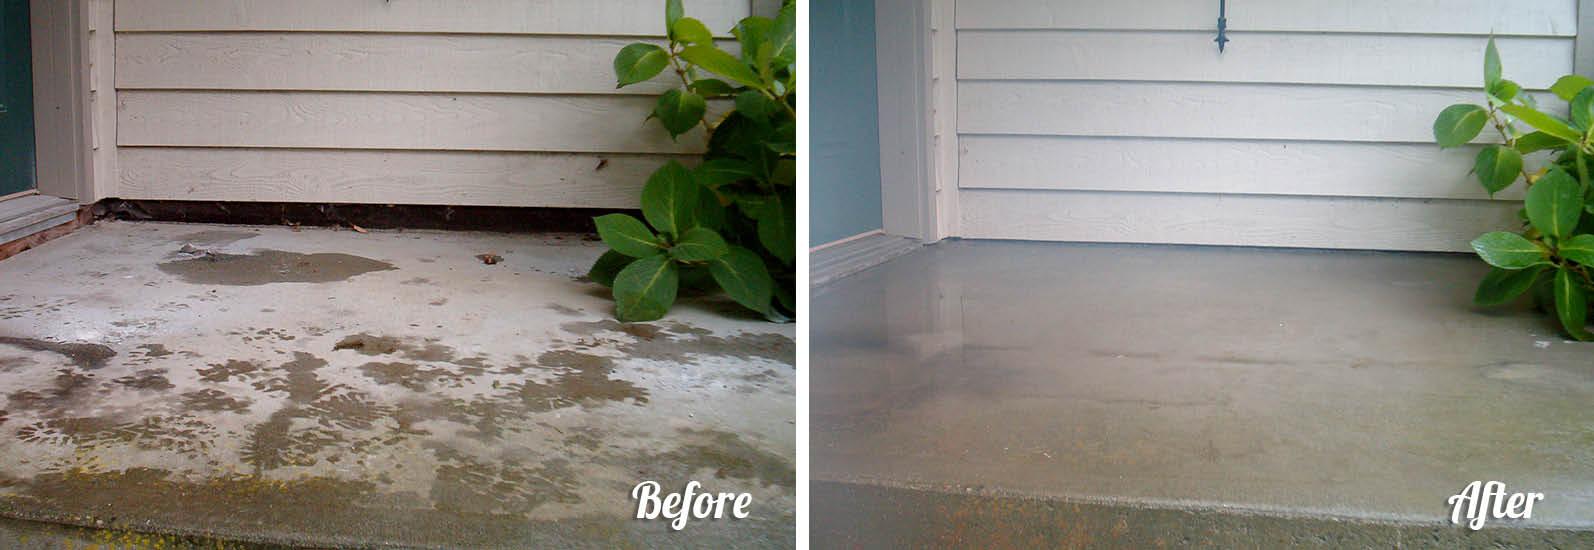 sunken garage floor, uneven sidewalk, driveway